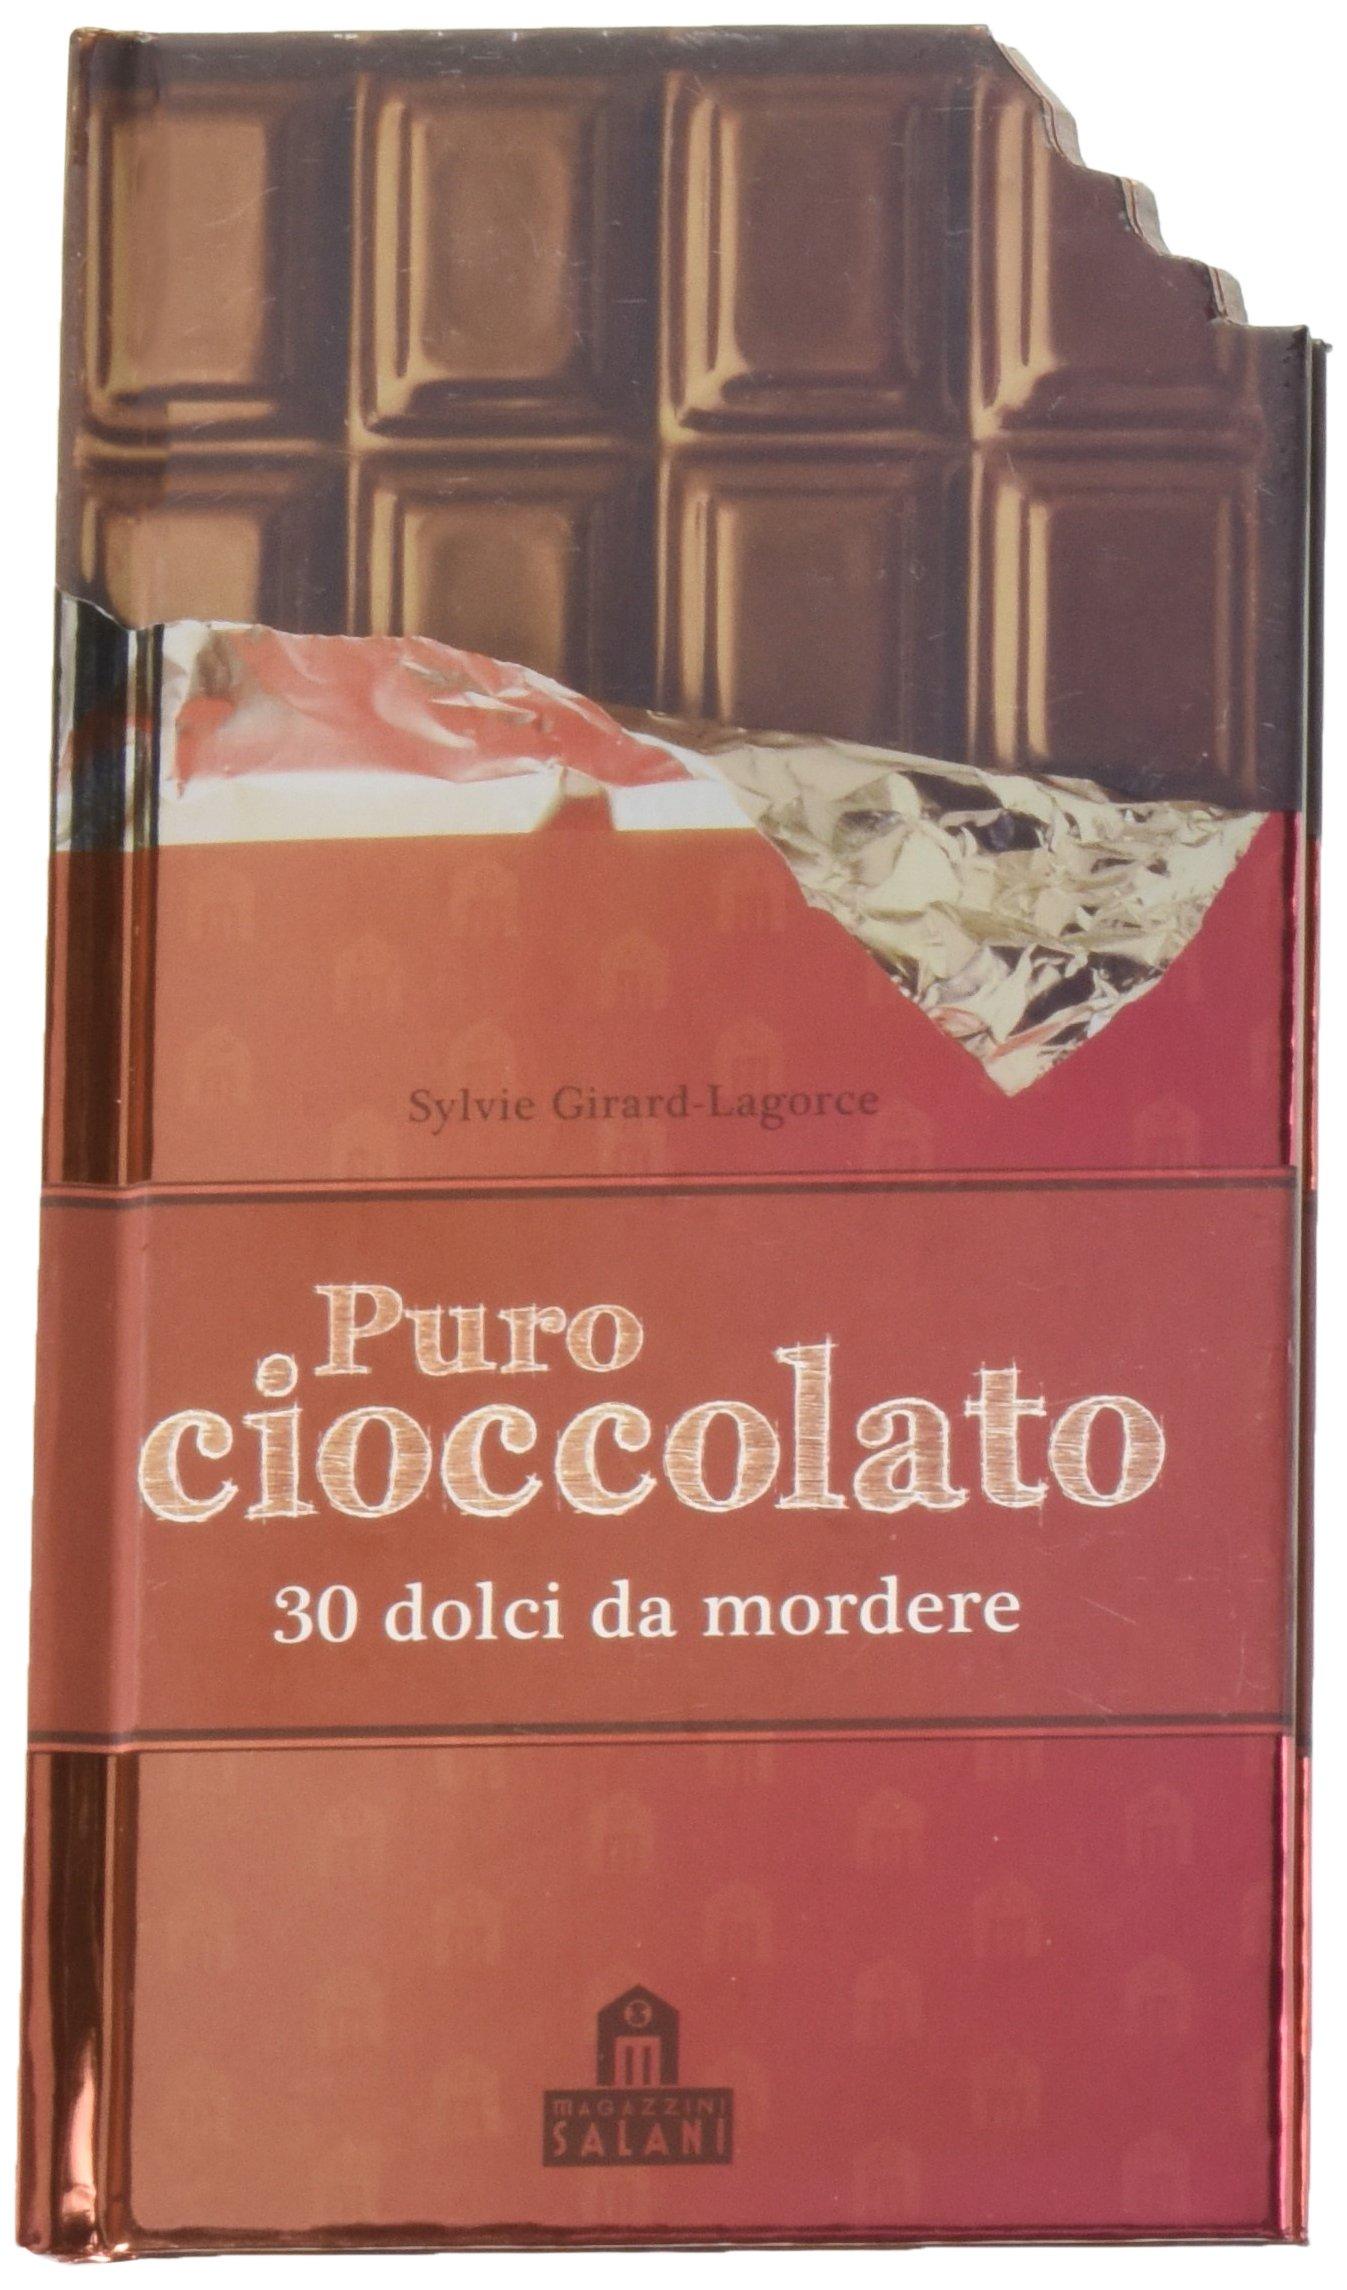 Puro cioccolato. 30 dolci da mordere Copertina rigida – 16 feb 2012 Sylvie Girard-Lagorce D. Kressmann Magazzini Salani 8862126638